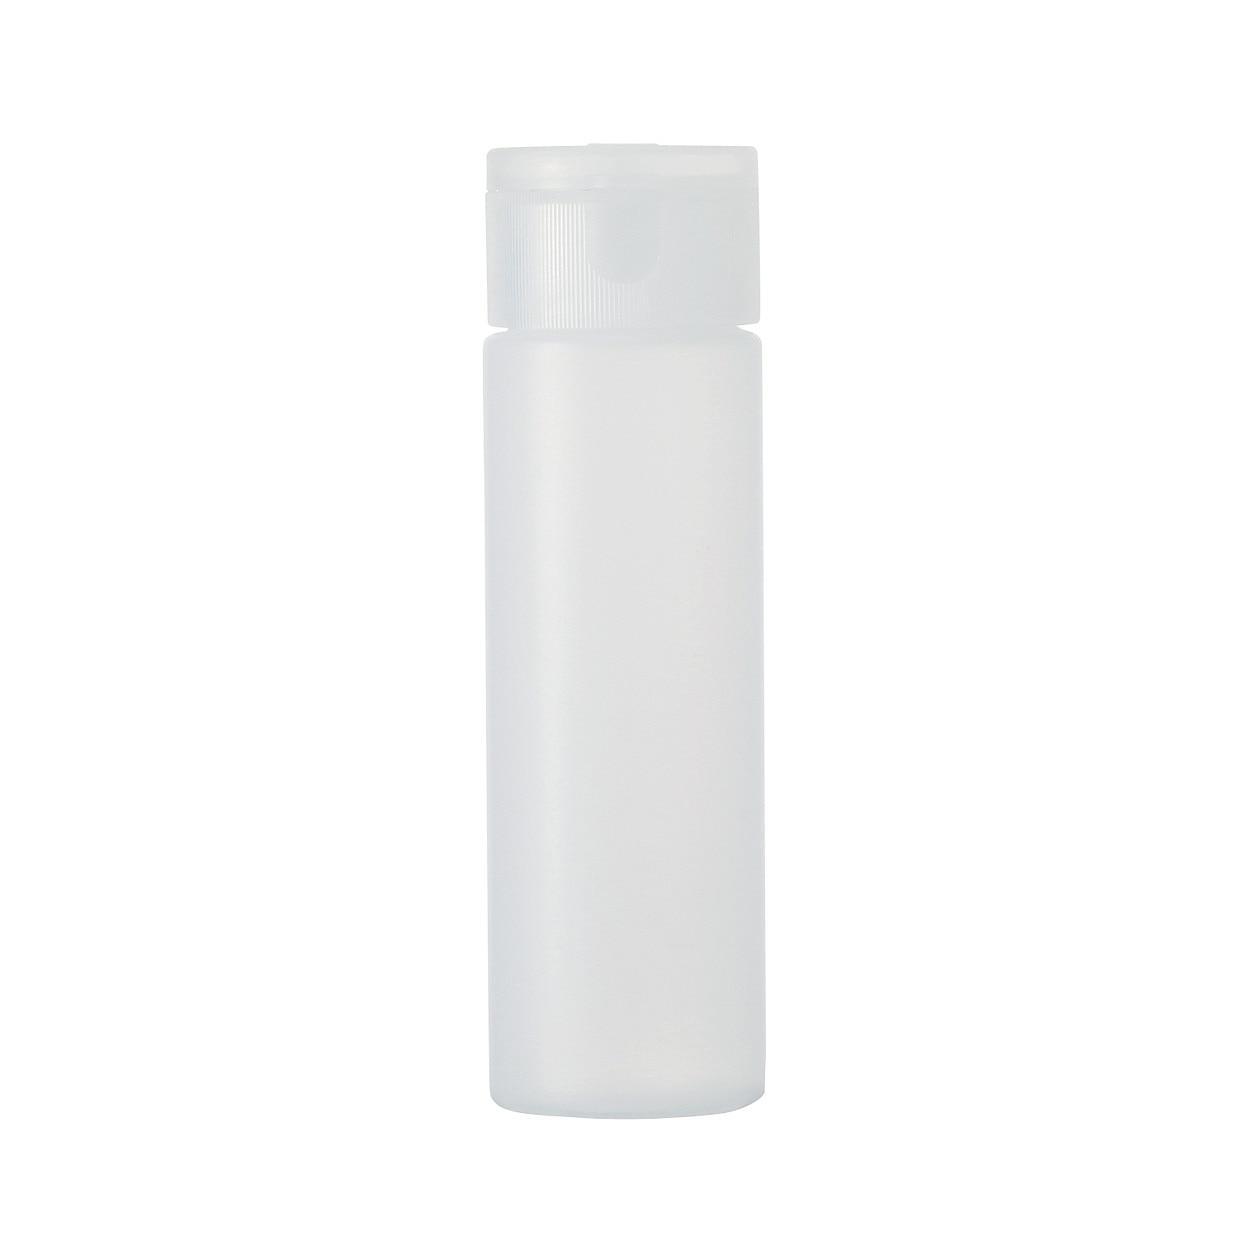 写真の真ん中がボトルポンプタイプの容器です。 上部を押すことで出てくるのでサラサラとした液体に向いています。  筆者はクレンジングオイルを入れて使用しています ...